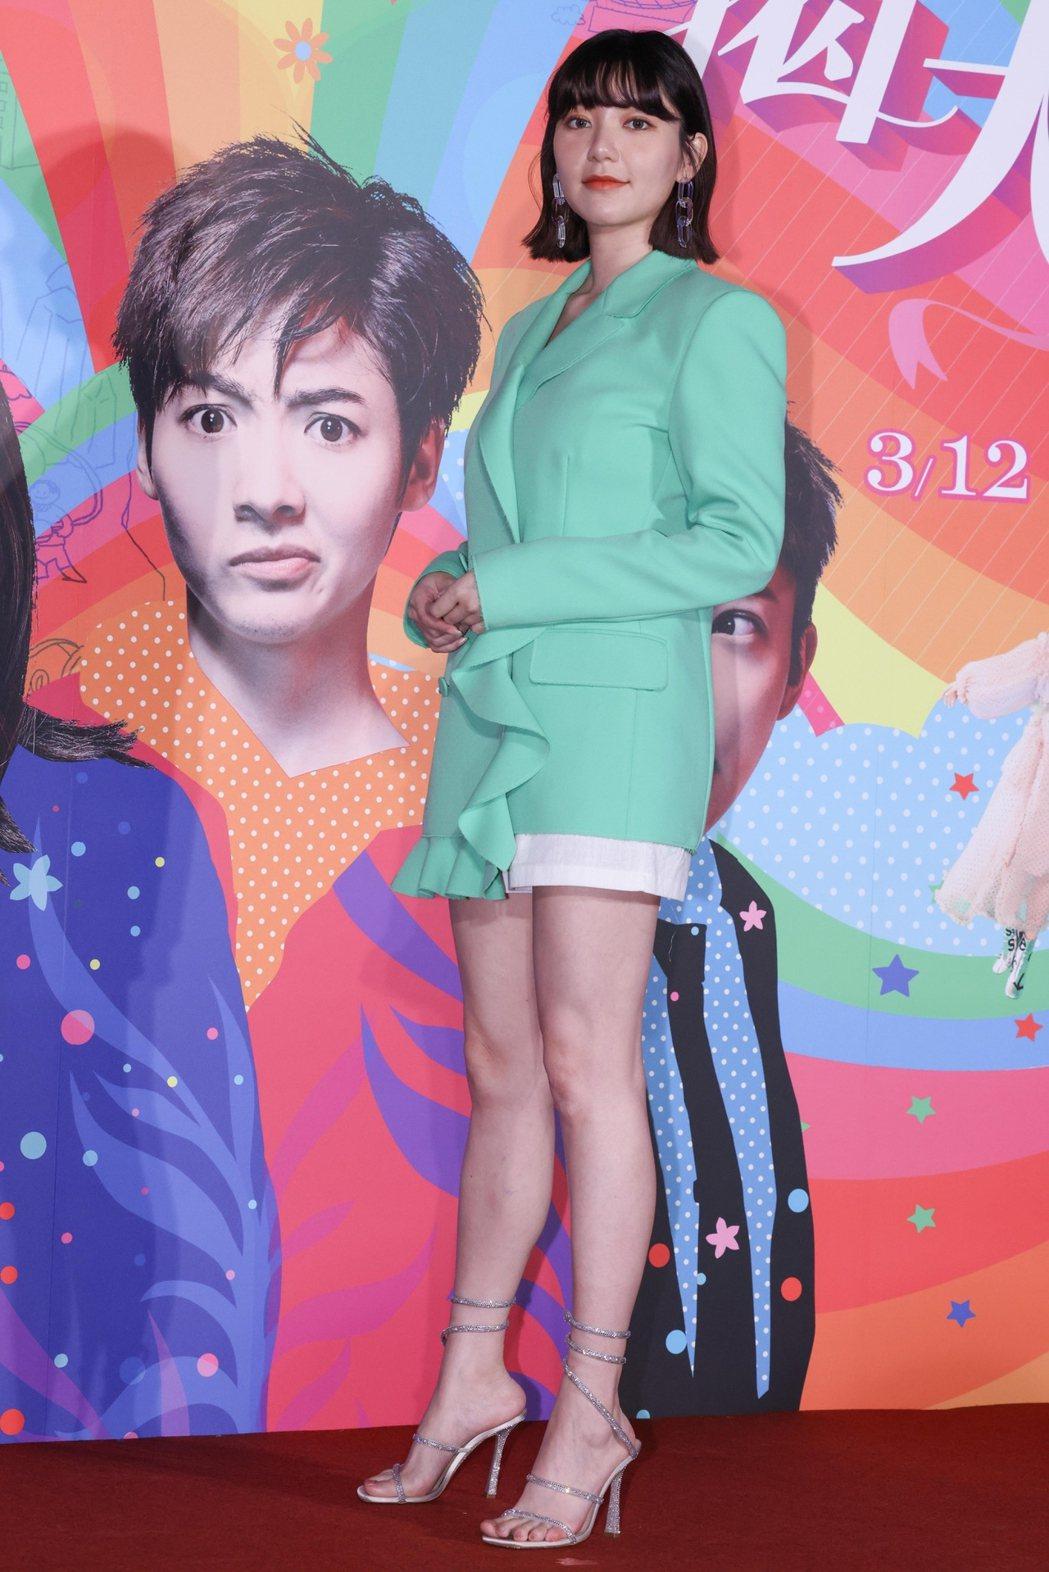 郭雪芙出席「揭大歡喜」首映。記者沈昱嘉/攝影